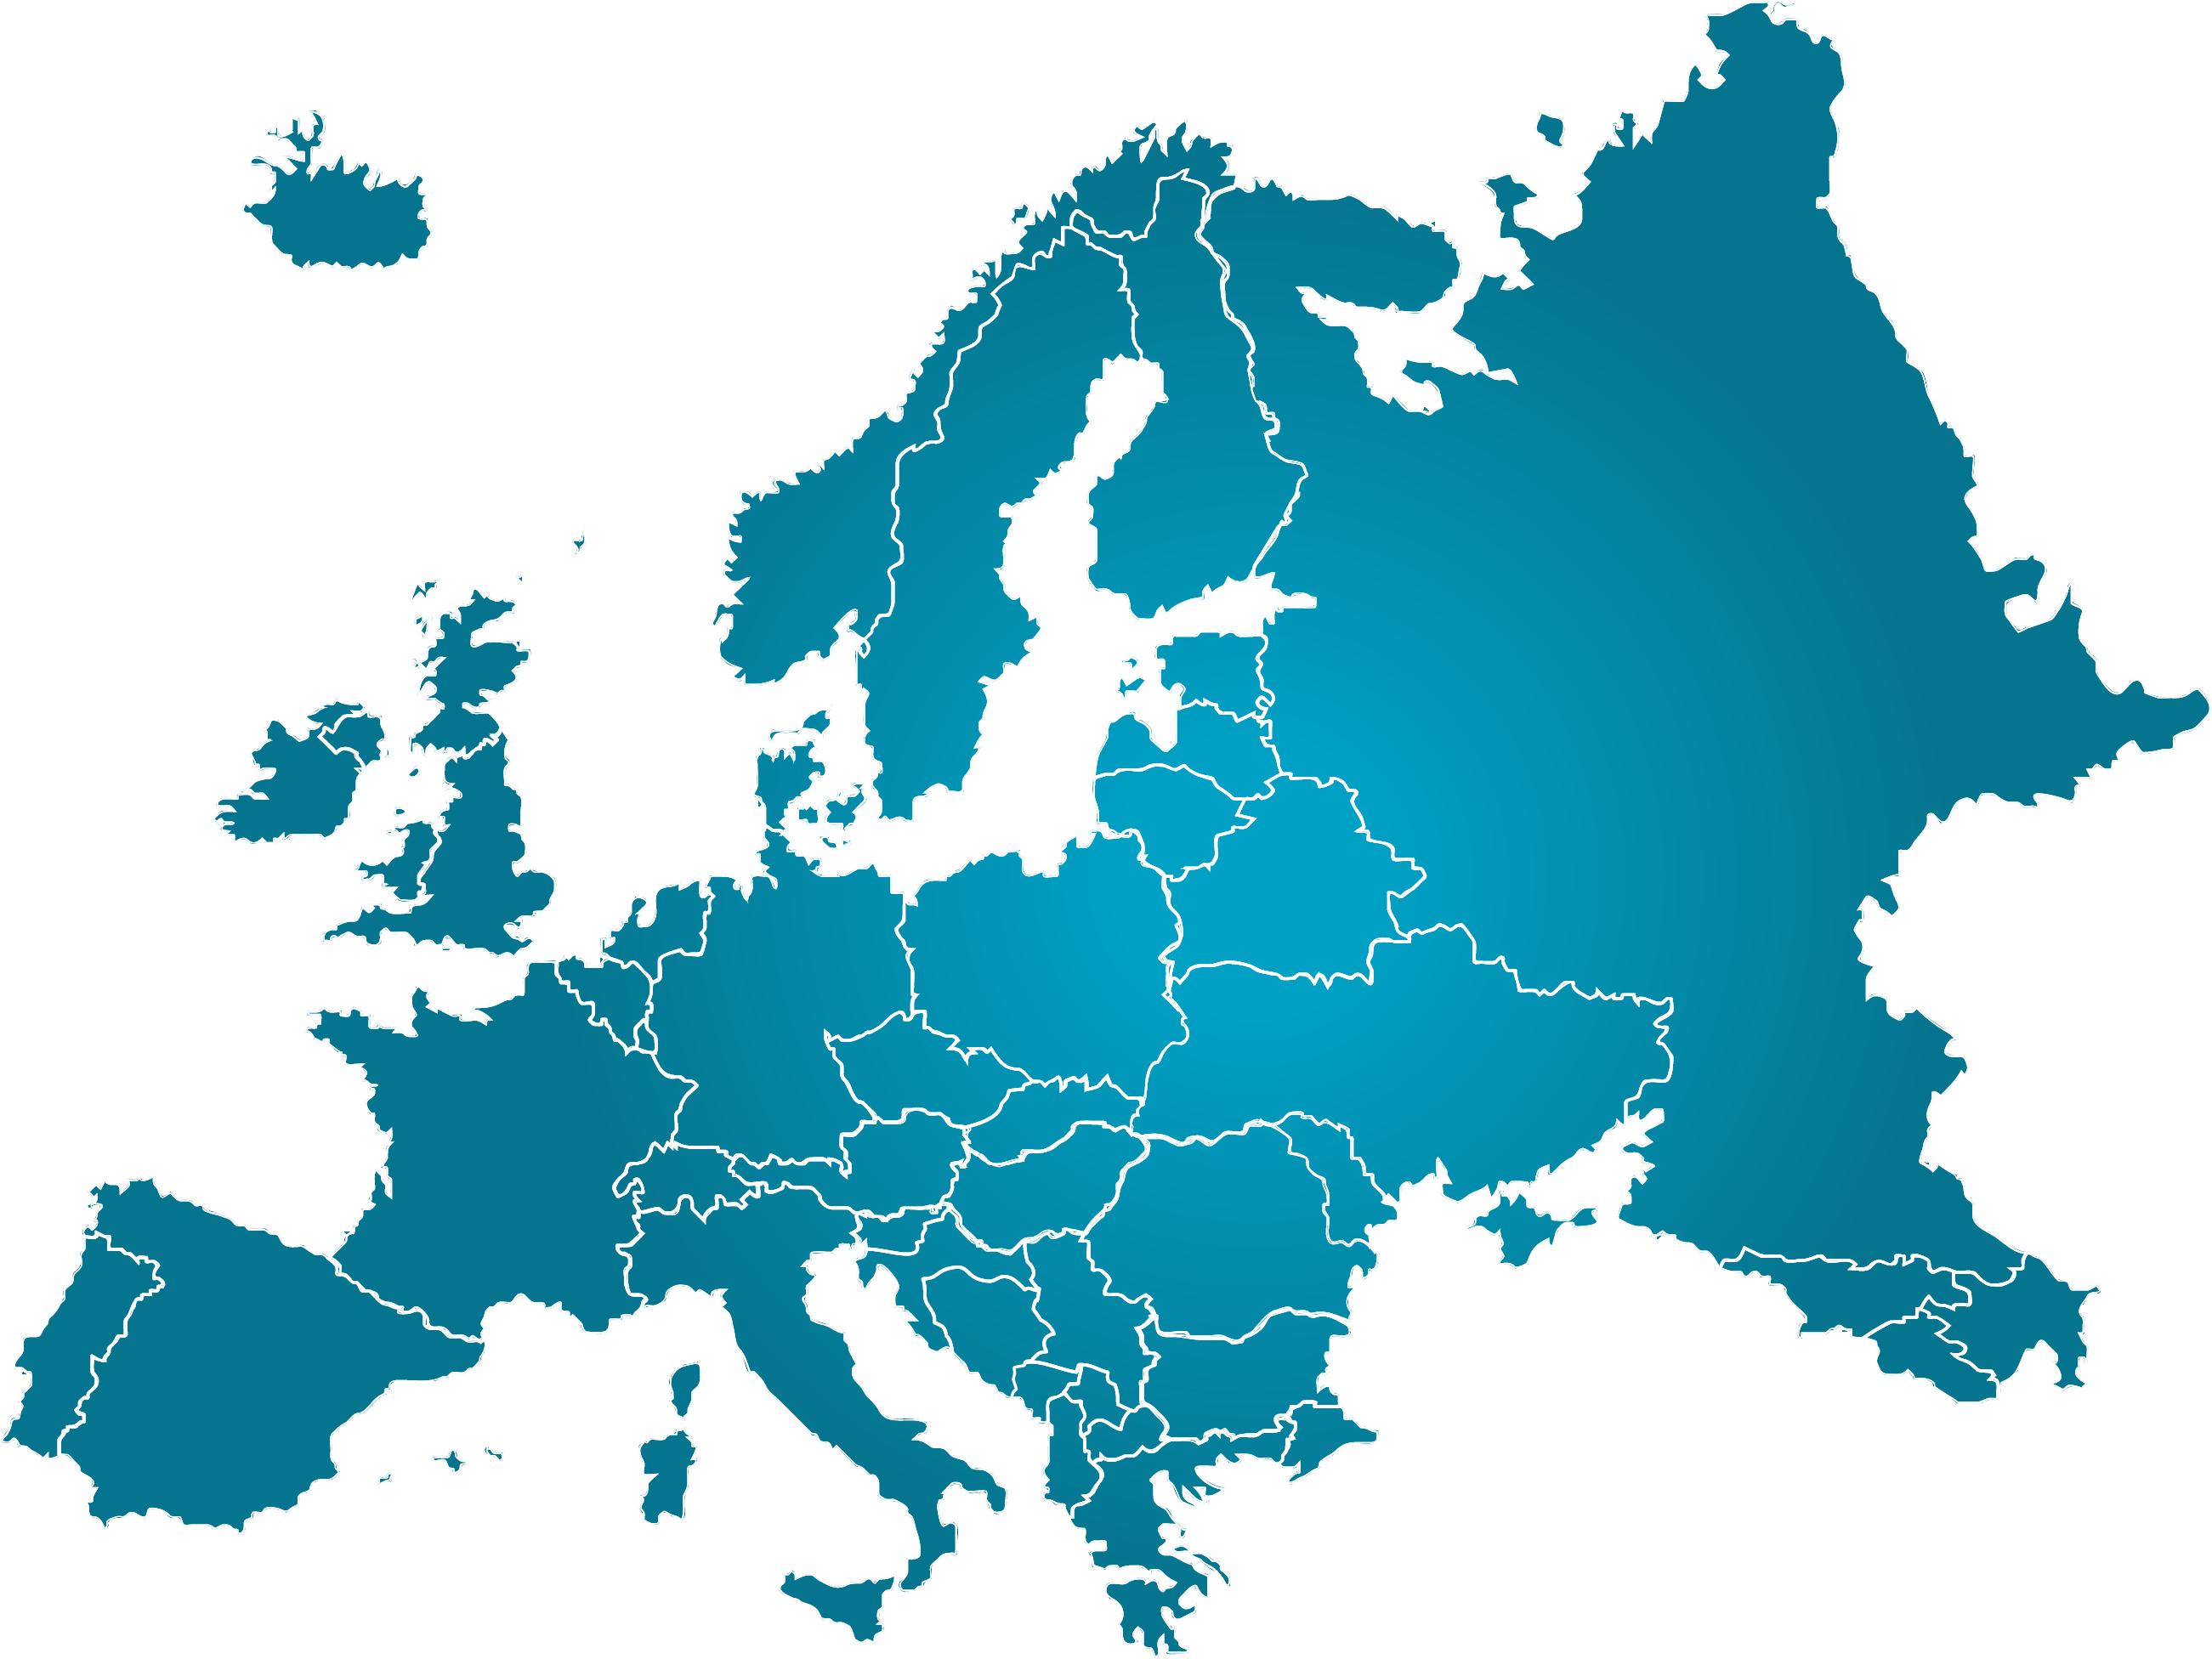 Uralgebirge Karte.Europa Verteidigen Ja Aber Gegen Wen Und Wofur